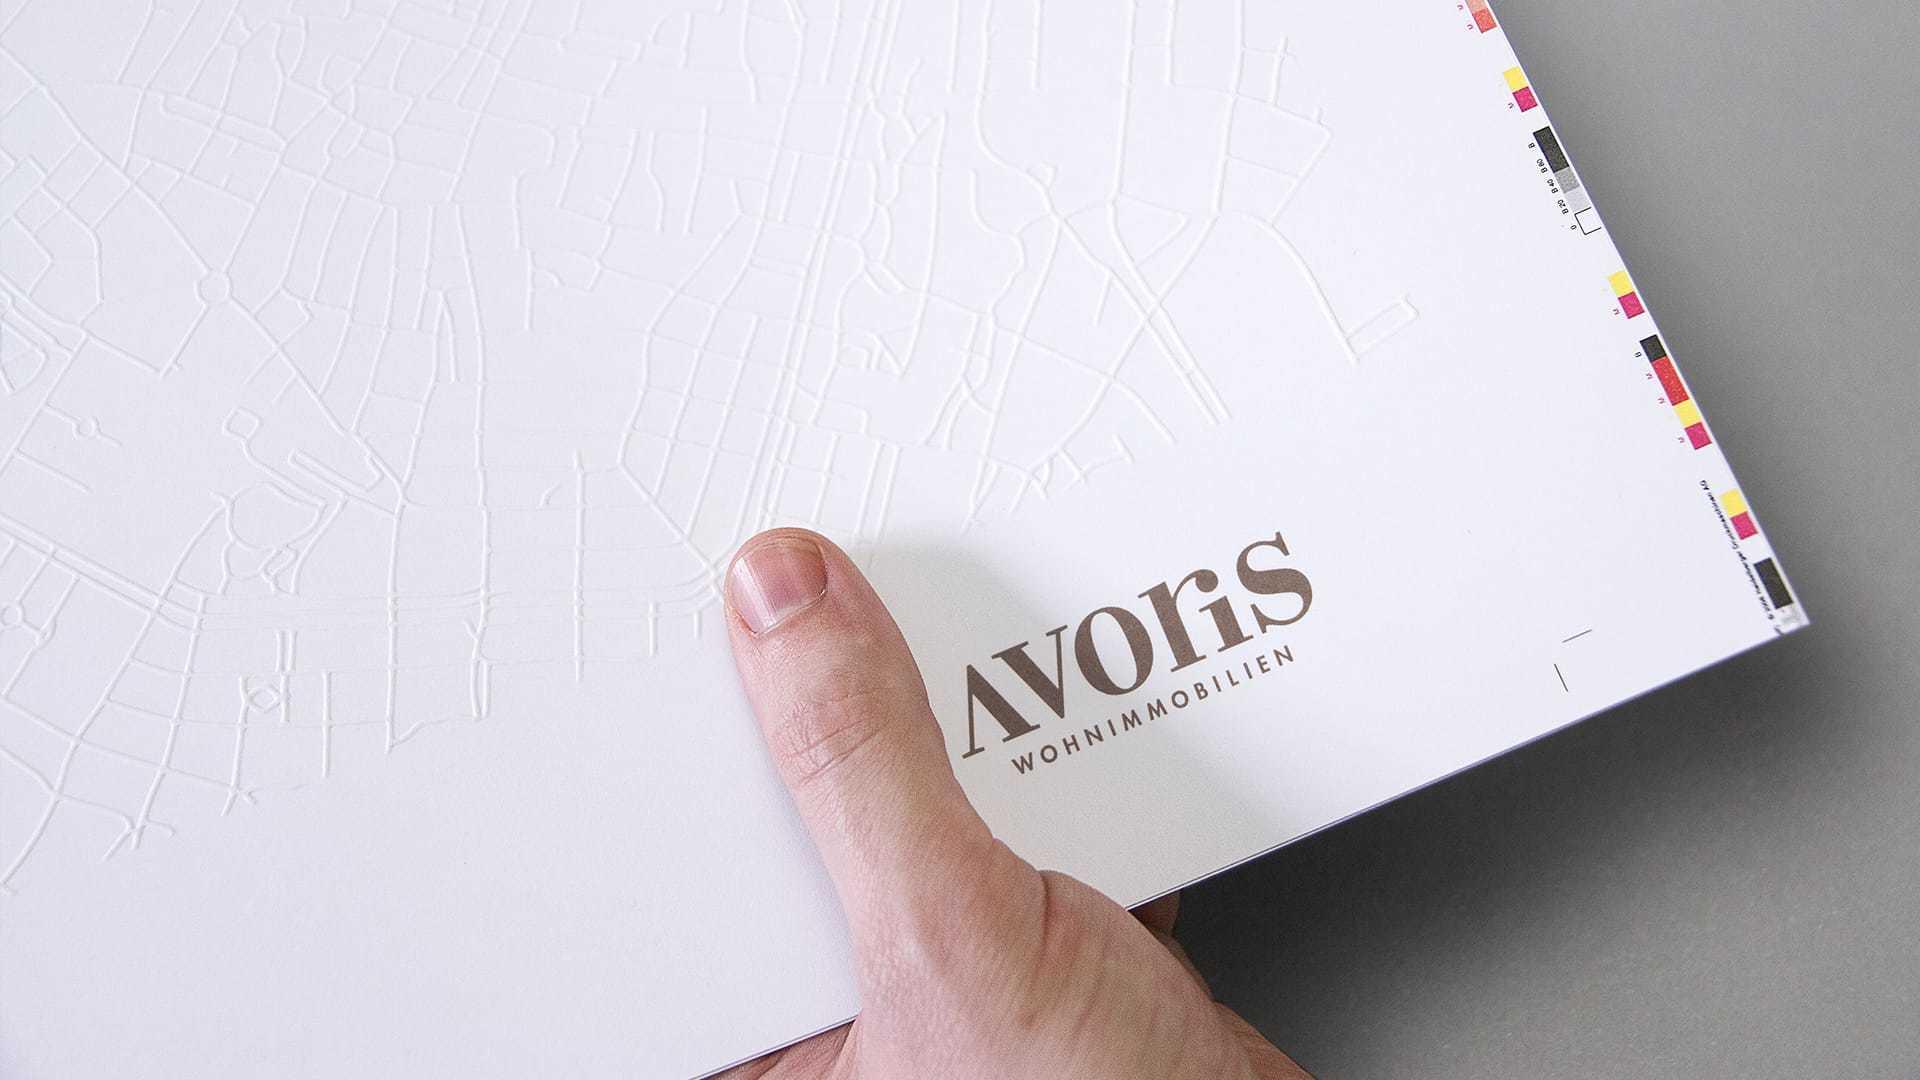 Ref Avoris Markenentwicklung 10